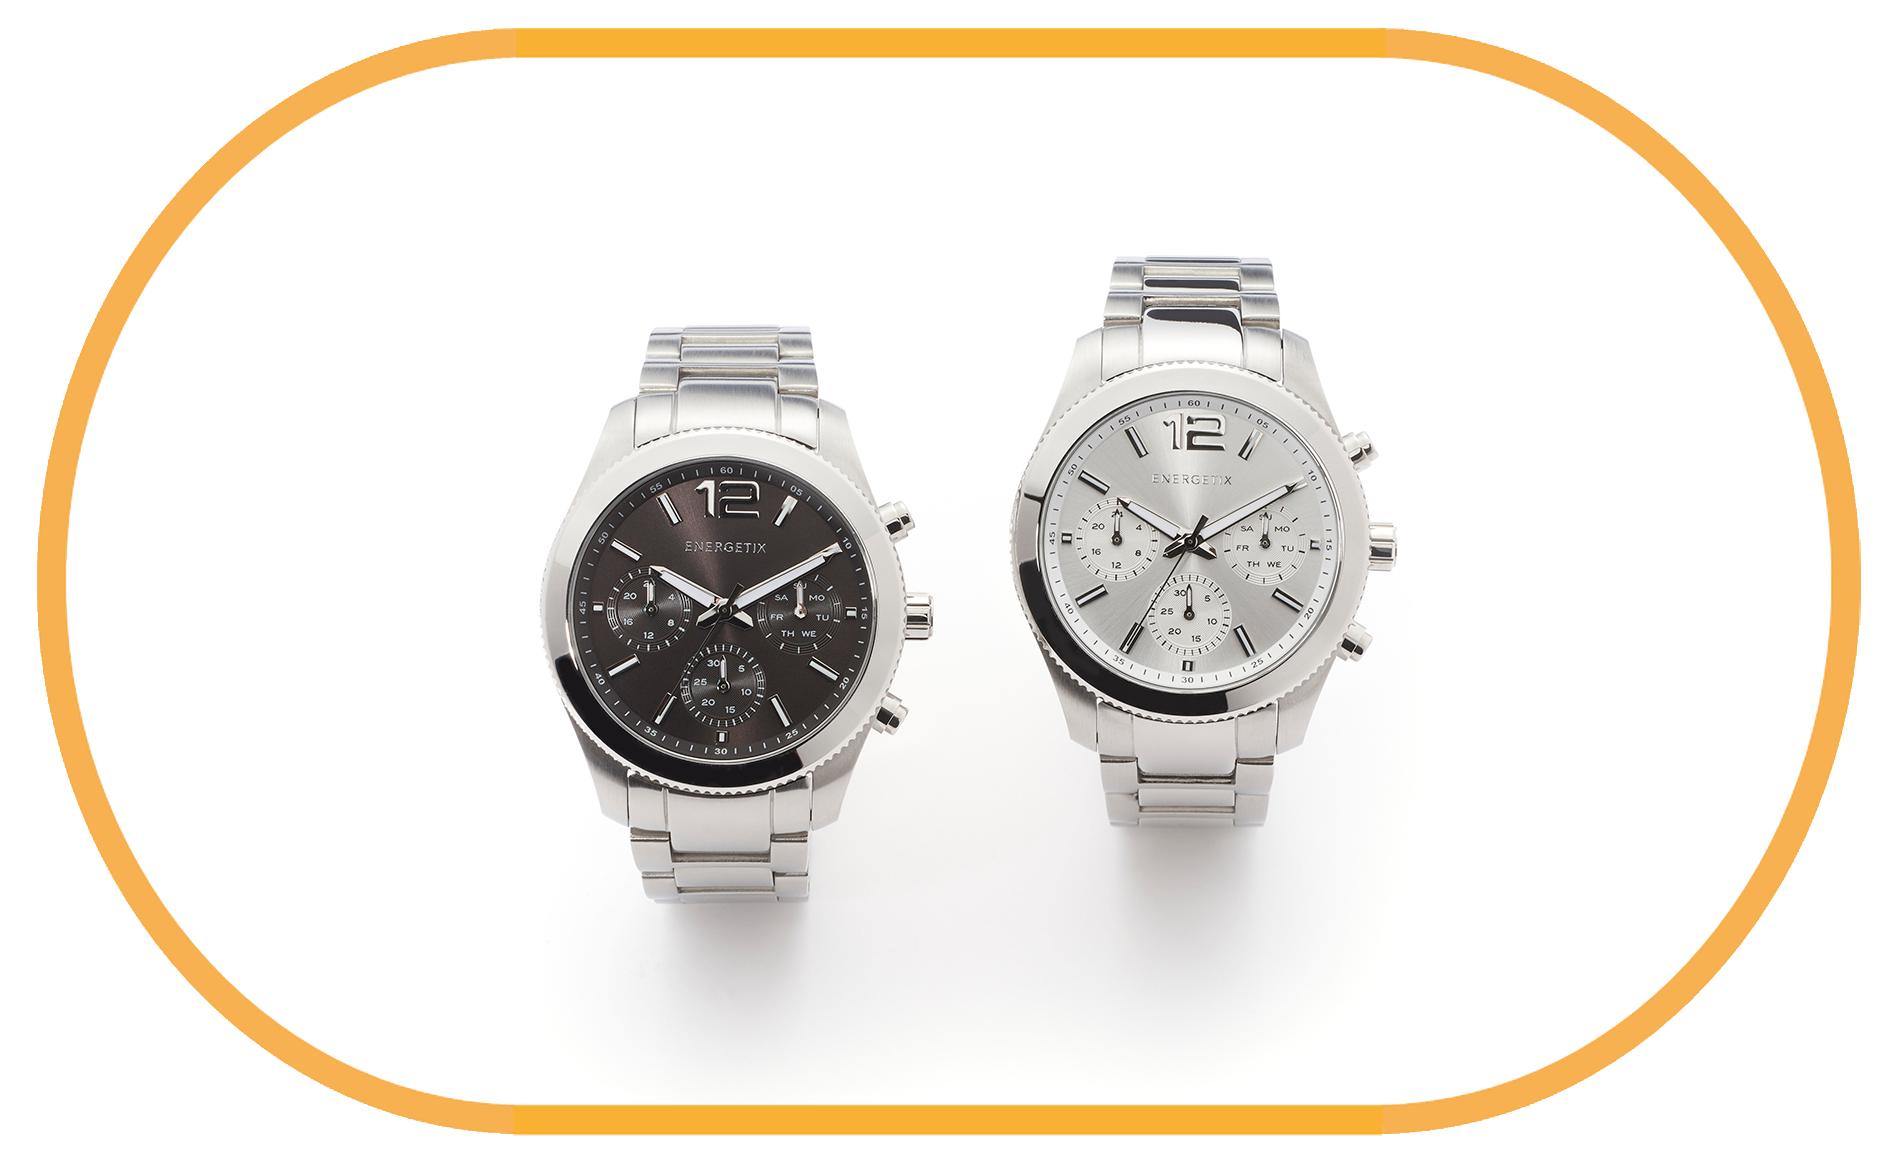 Magneetpower Energetix Roosendaal Horloges